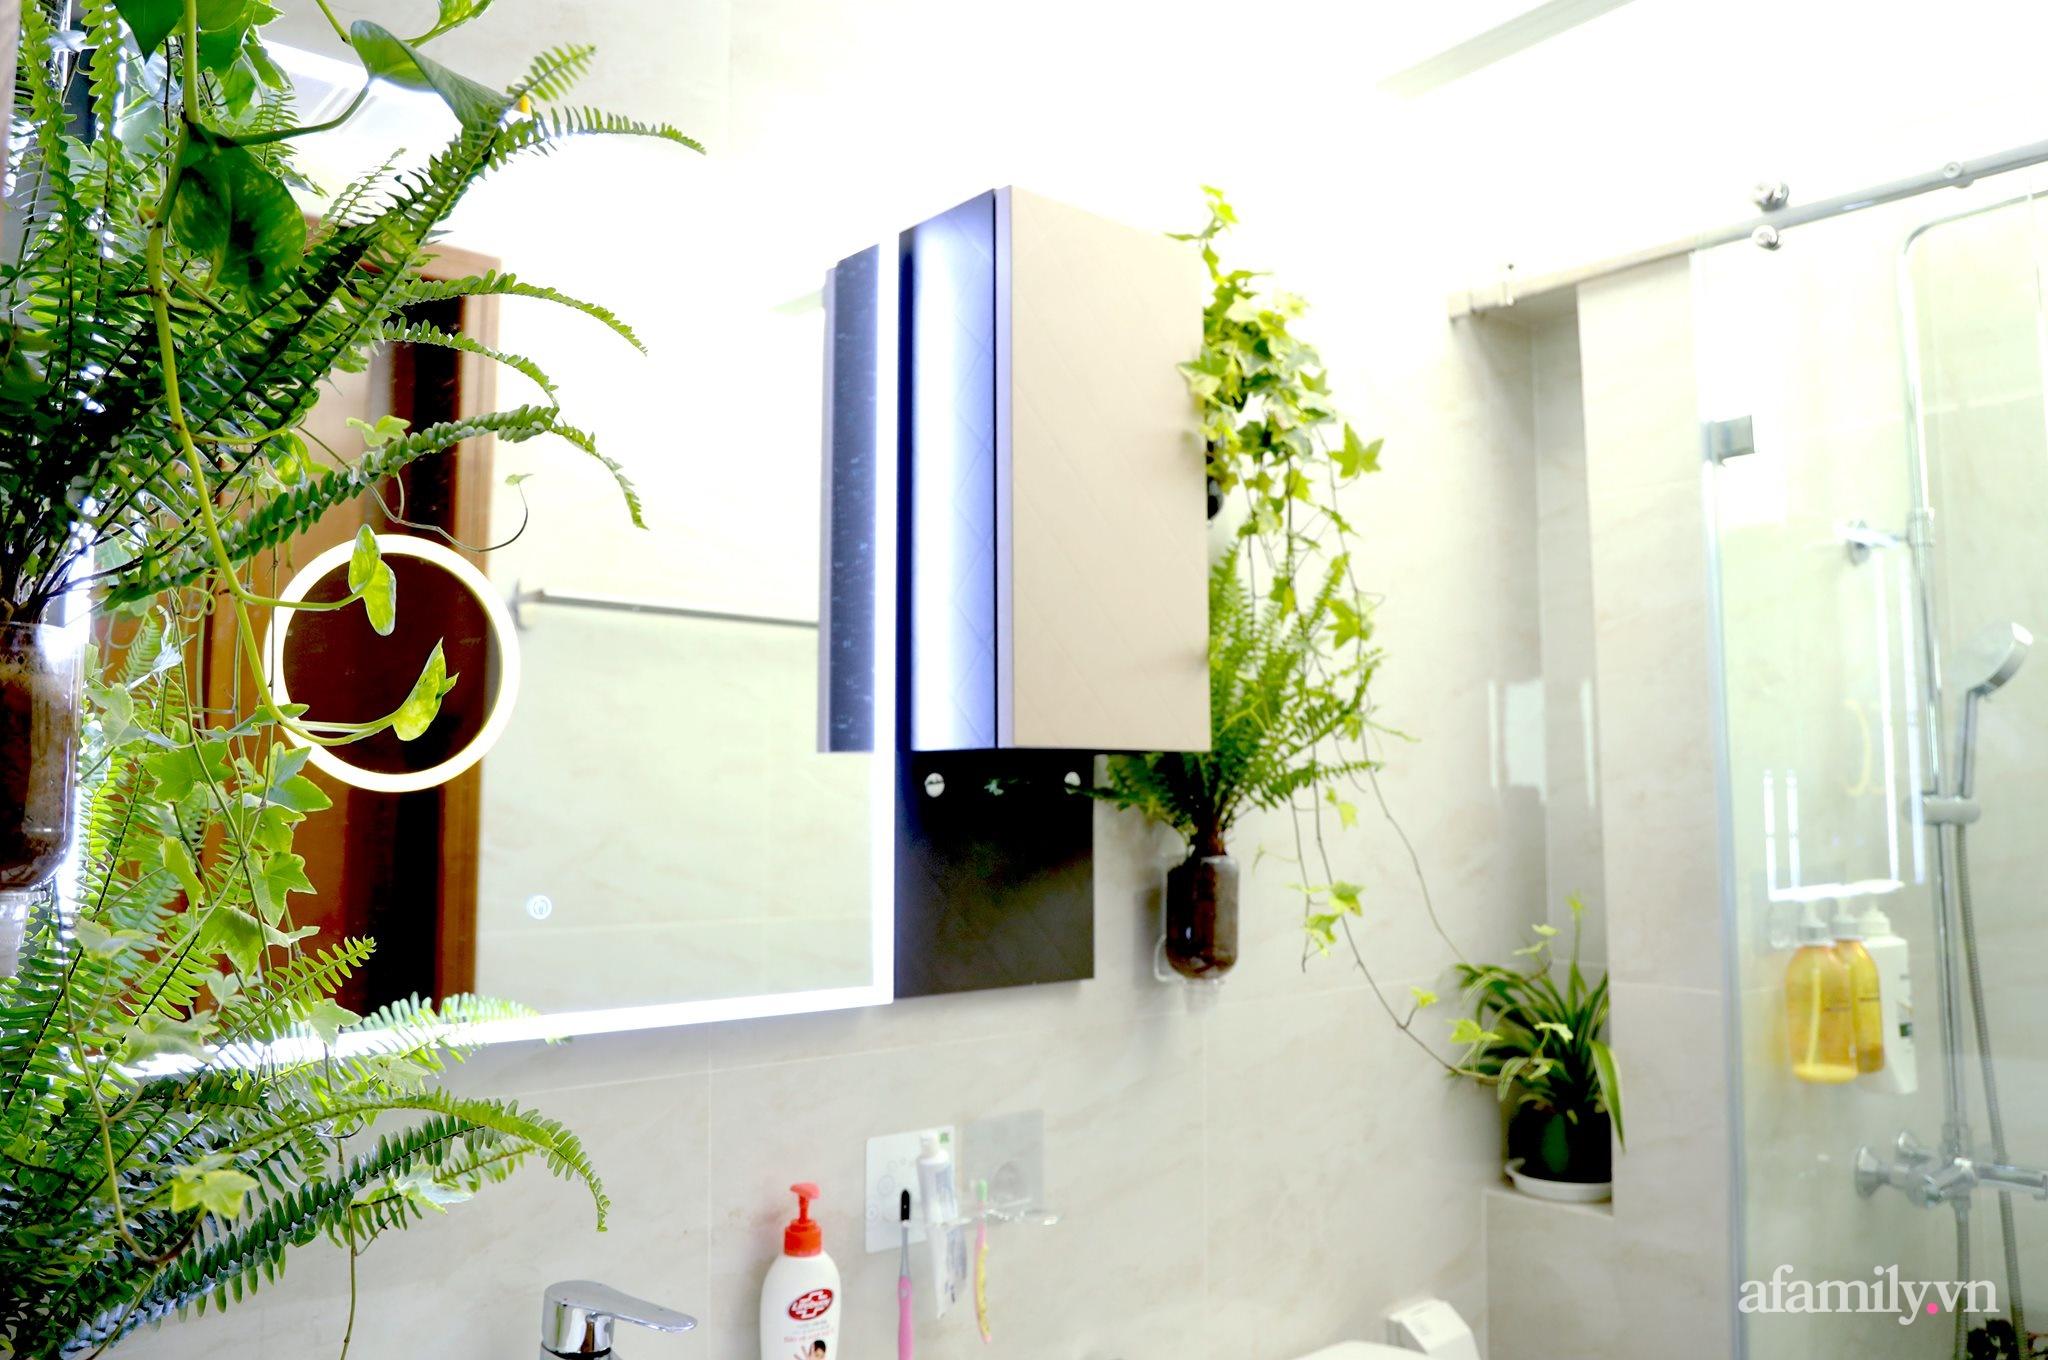 """Biến hình phòng tắm đúng chuẩn hội """"nghiện nhà yêu cây"""" từ những đồ nội thất nhà nào cũng có của cô gái Hà Nội  - Ảnh 3."""